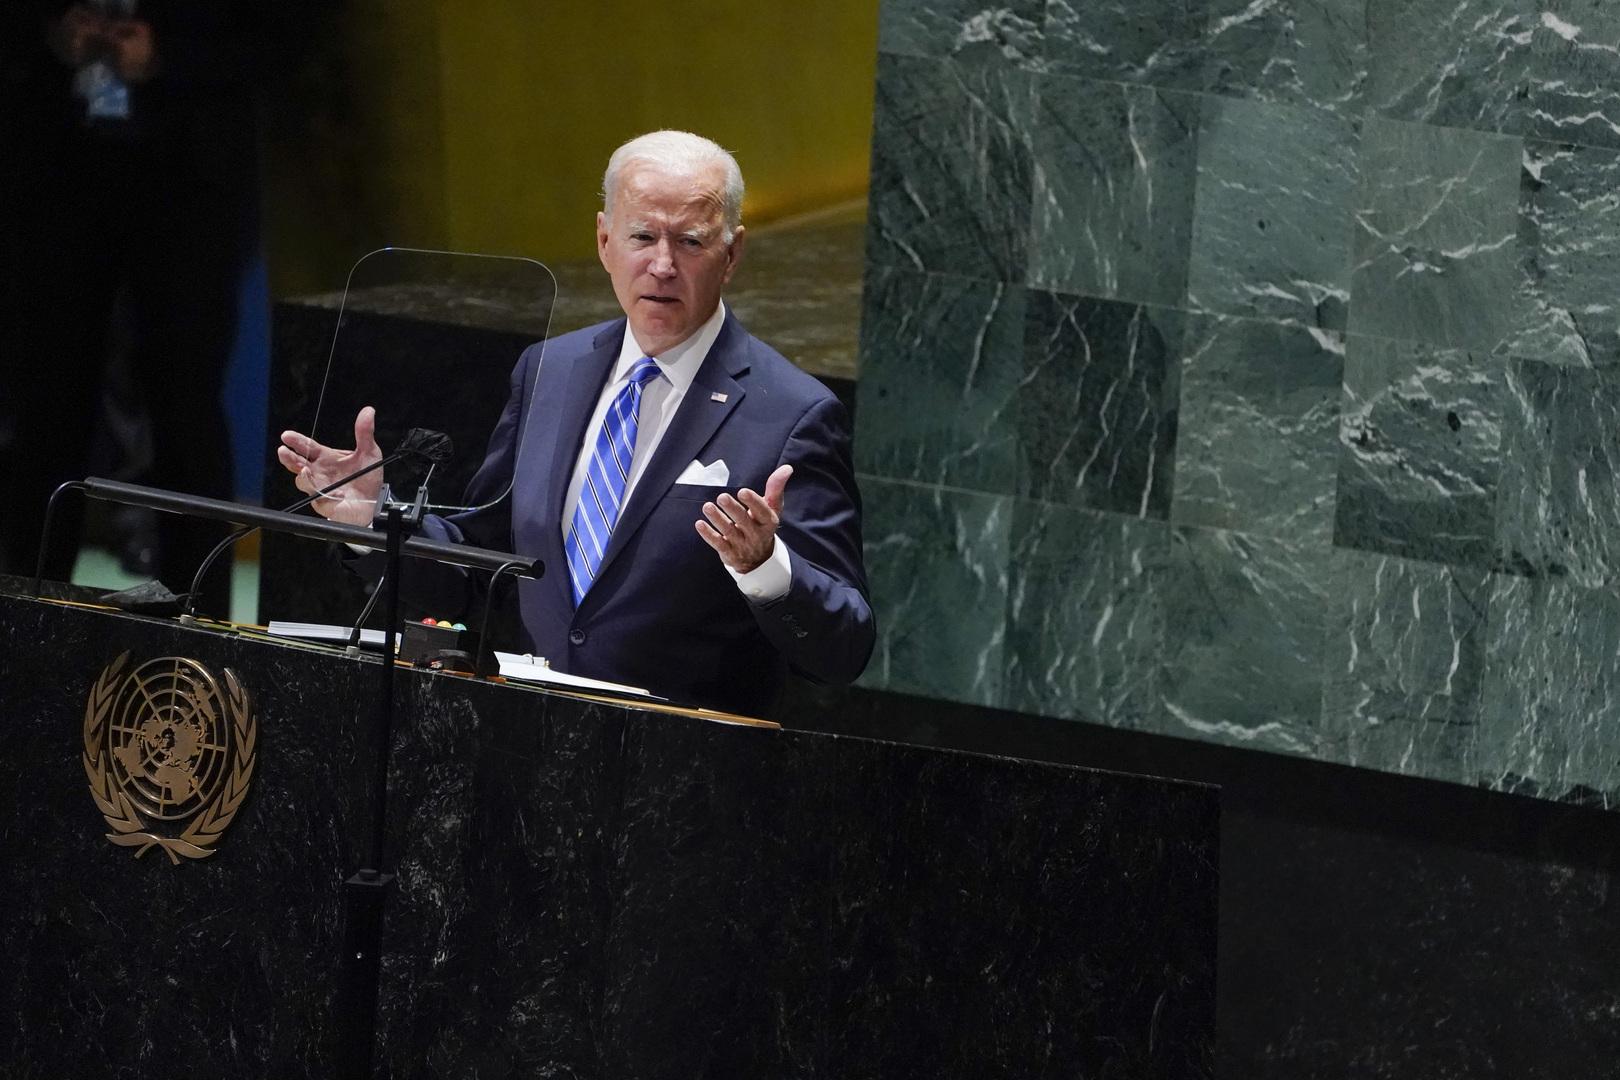 الرئيس الأمريكي، جو بايدن، يتحدث خلال جلسة المناقشات السياسية العامة للدورة الـ76 للجمعية العامة للأمم المتحدة.